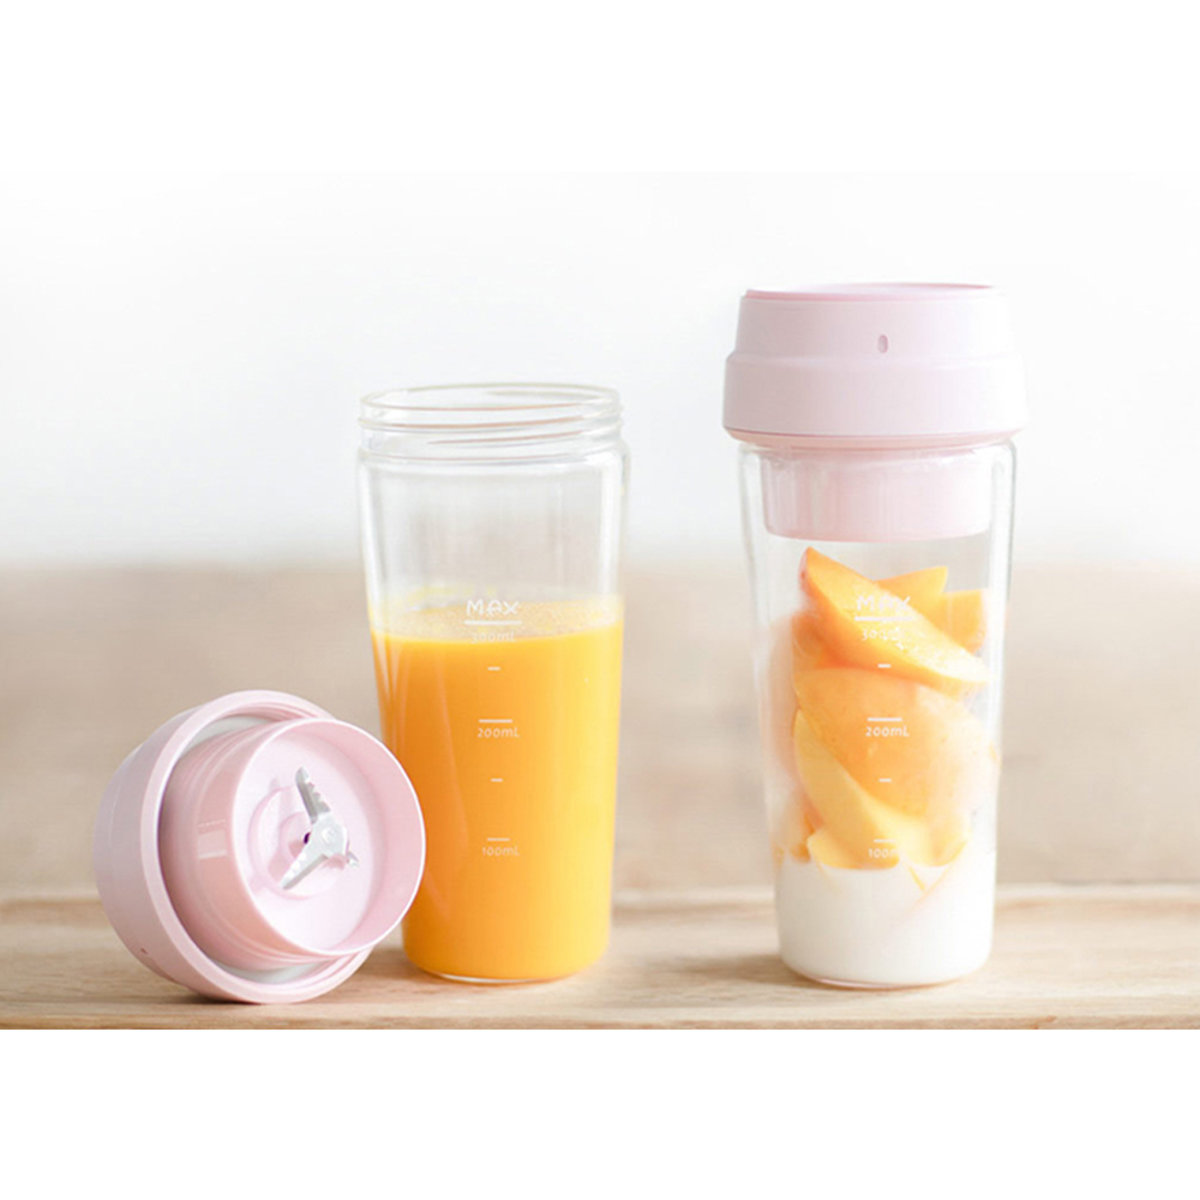 17PIN 星果杯便攜榨汁機 (粉紅色)